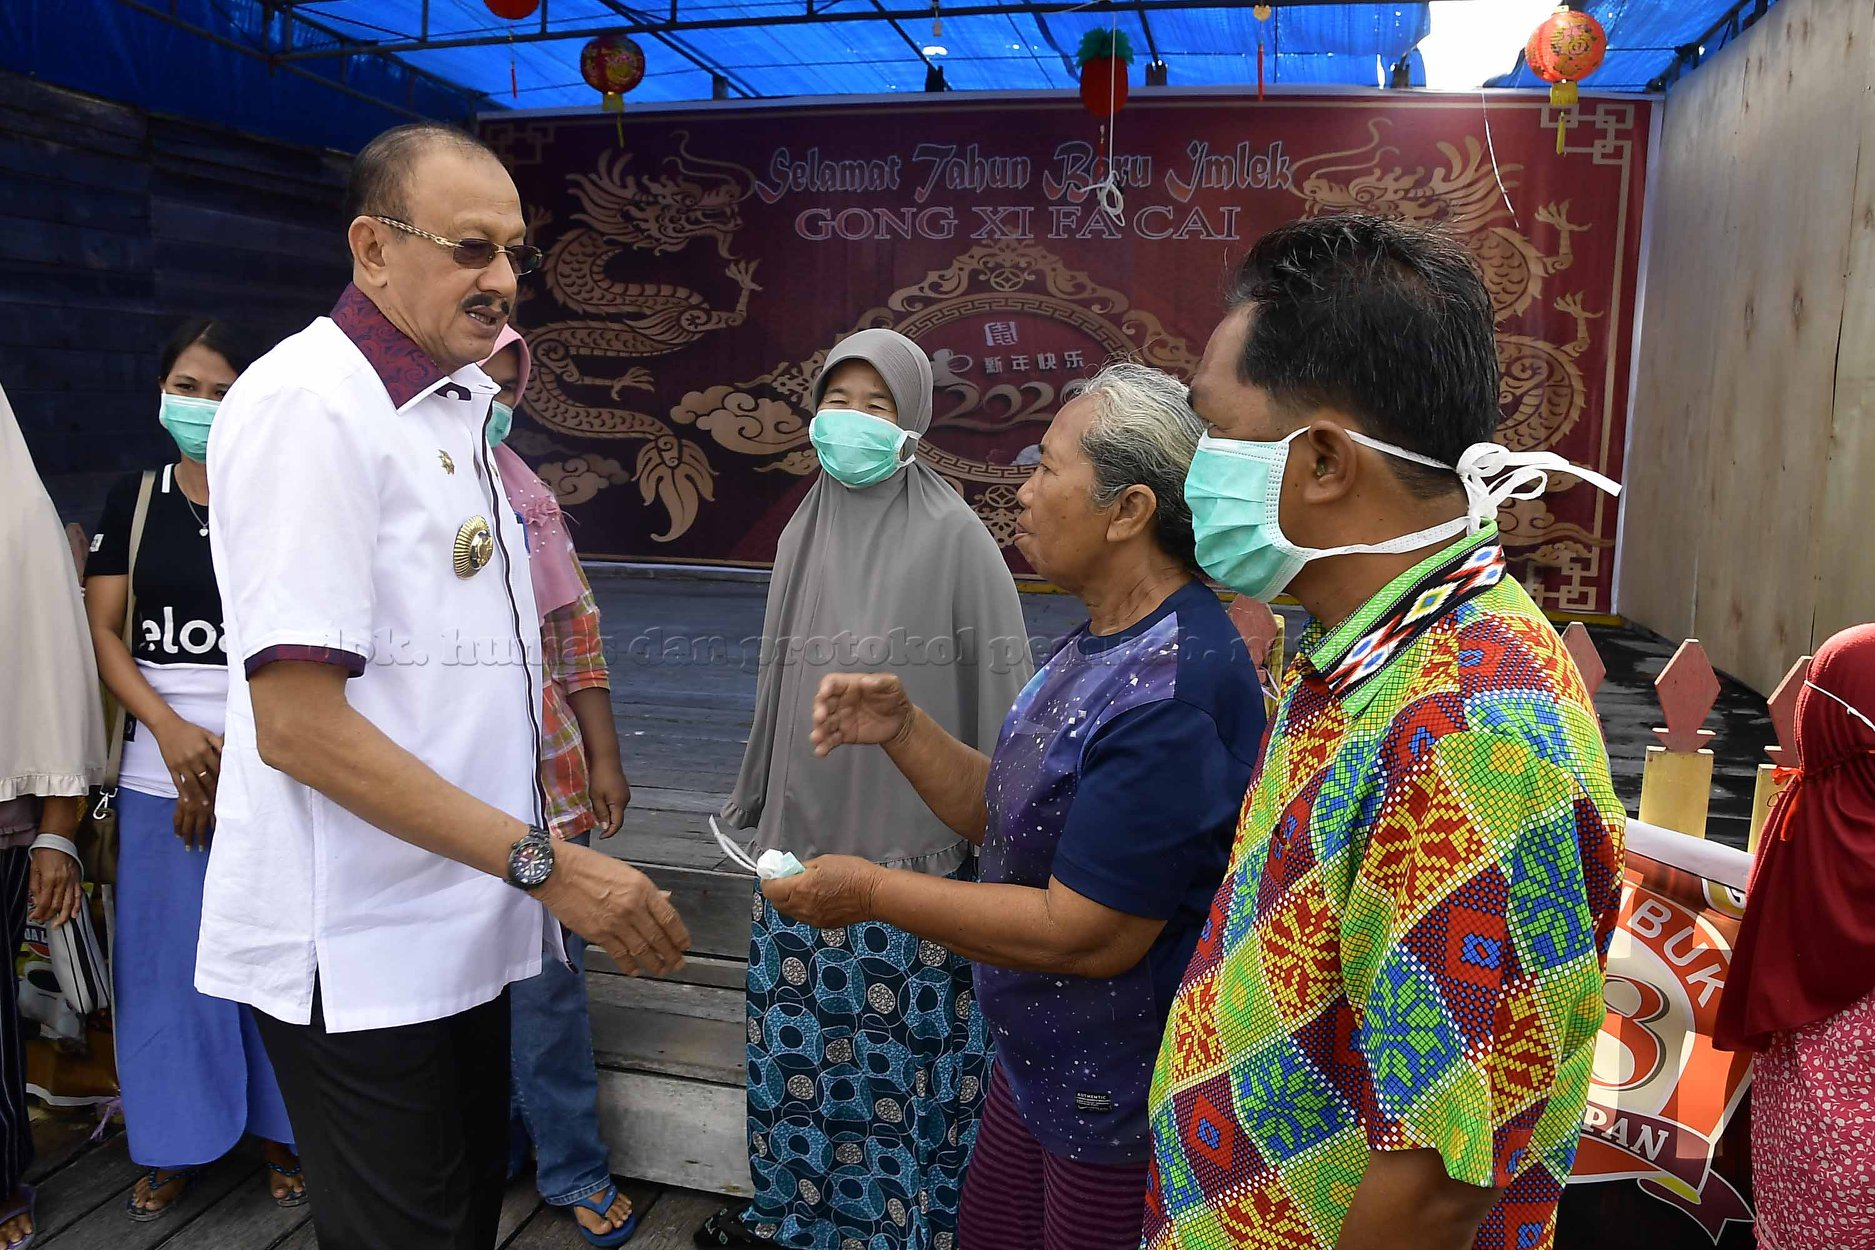 Bupati Natuna Hamid Risal, terus menyambangi warganya, agar tak perlu khawatir lagi soal penempatan WNI asal Wuhan di Natuna